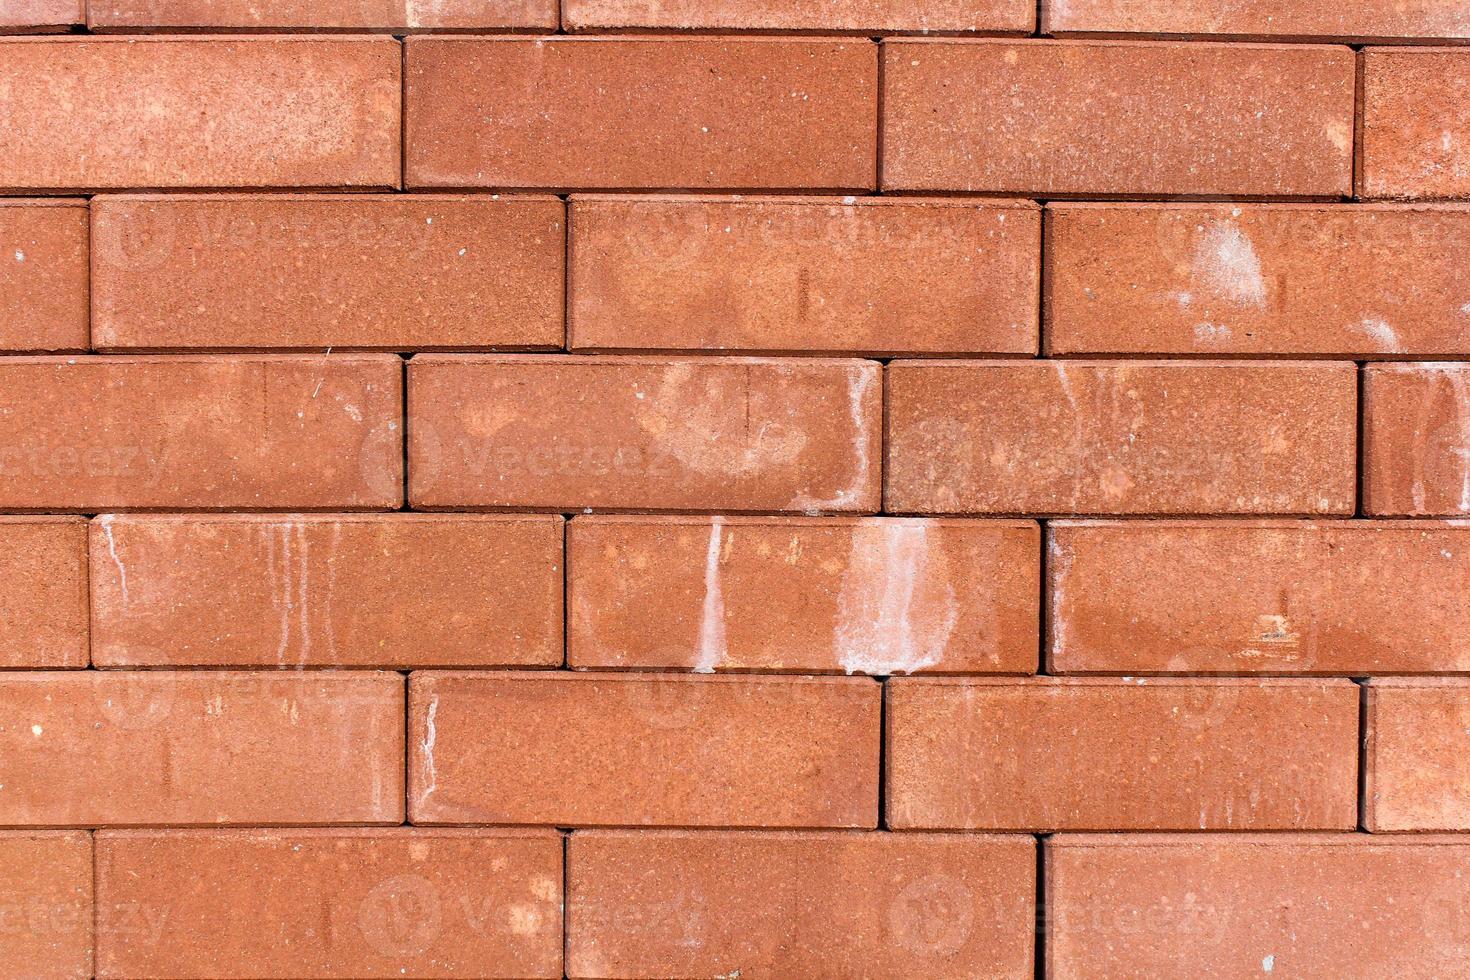 oranje blok muur kan worden gebruikt voor achtergrondstructuur foto